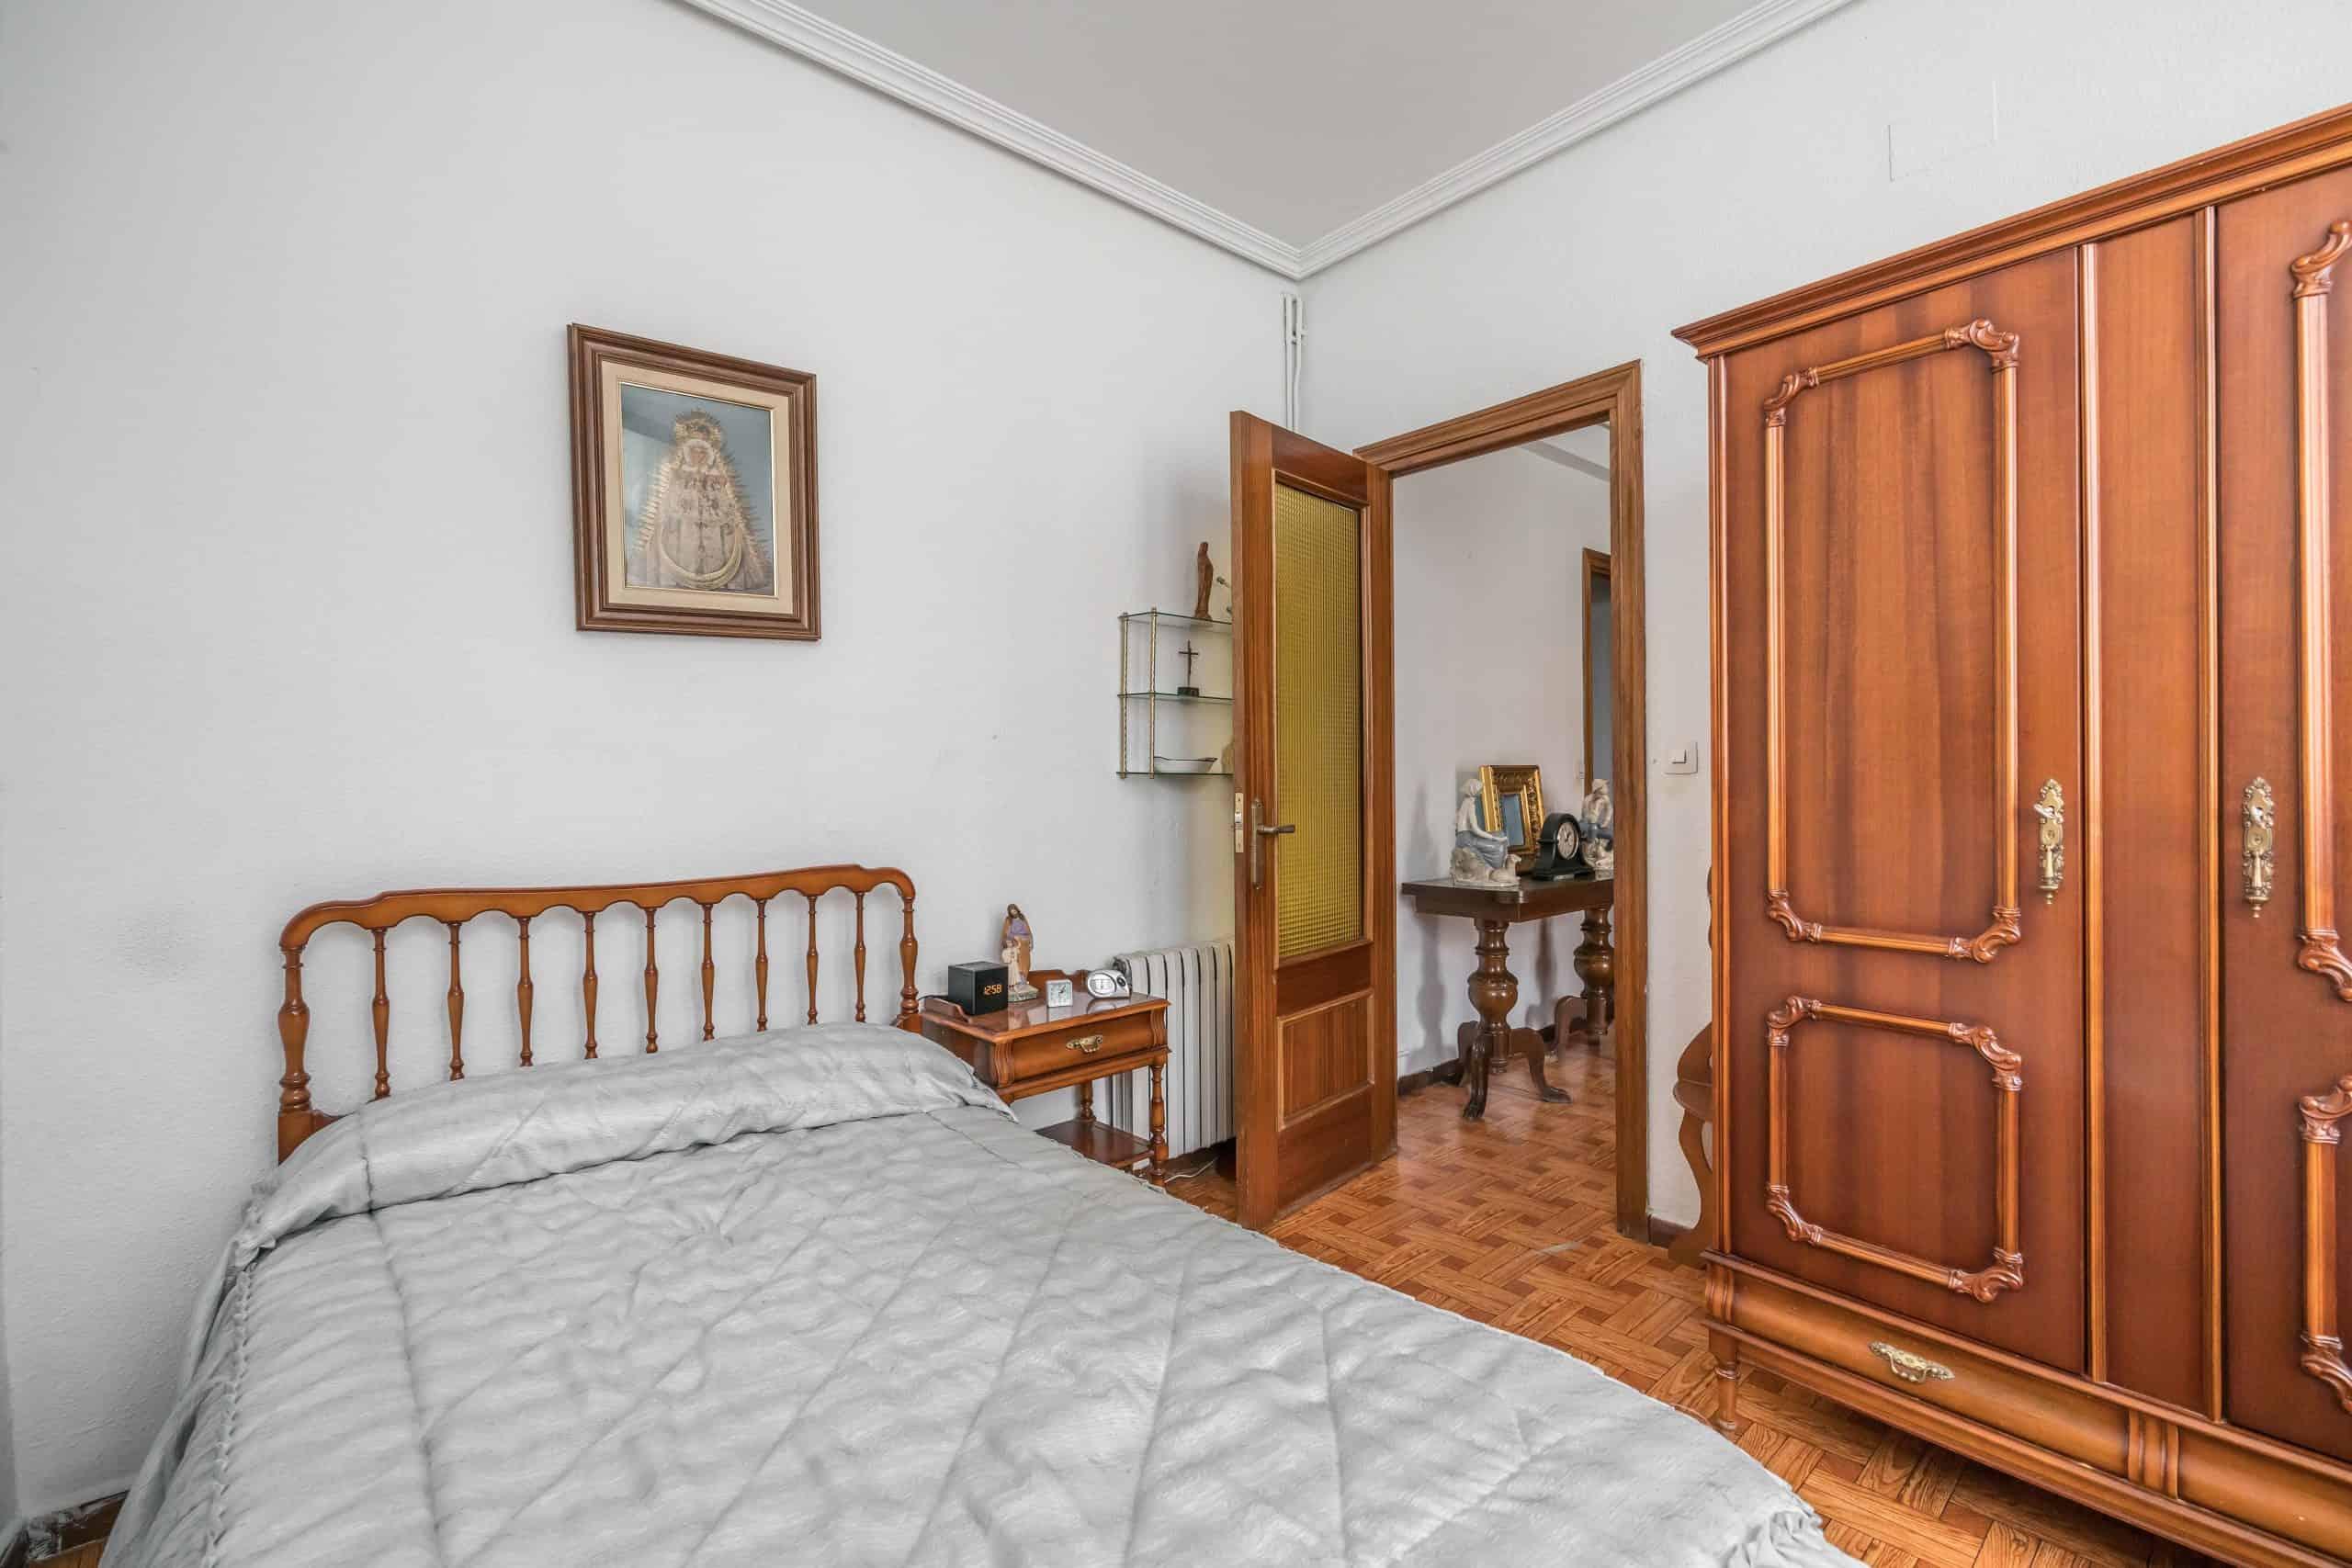 Agencia Inmobiliaria de Madrid-FUTUROCASA-Zona ARGANZUELA-LEGAZPI -calle Jaime Conquistador 27- Habitación 4